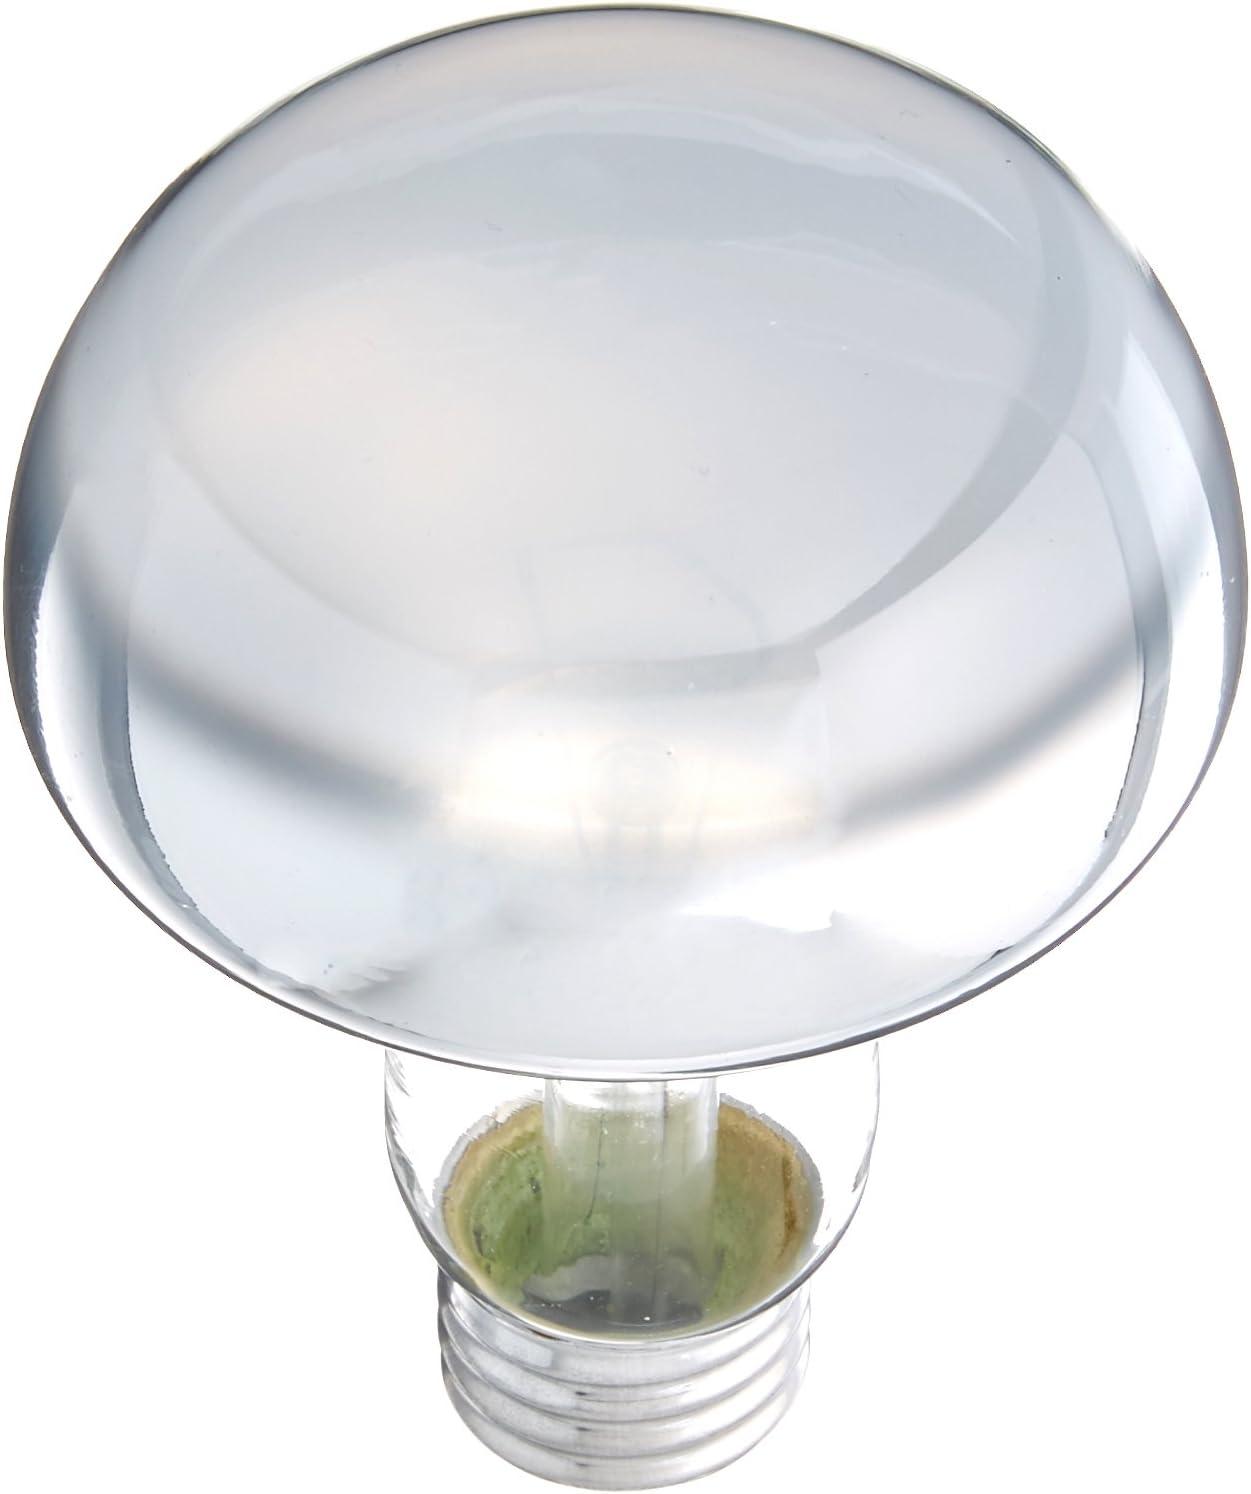 (4 Pack) Zoo Med Repti Basking Spot Lamps 100 watt for Reptiles